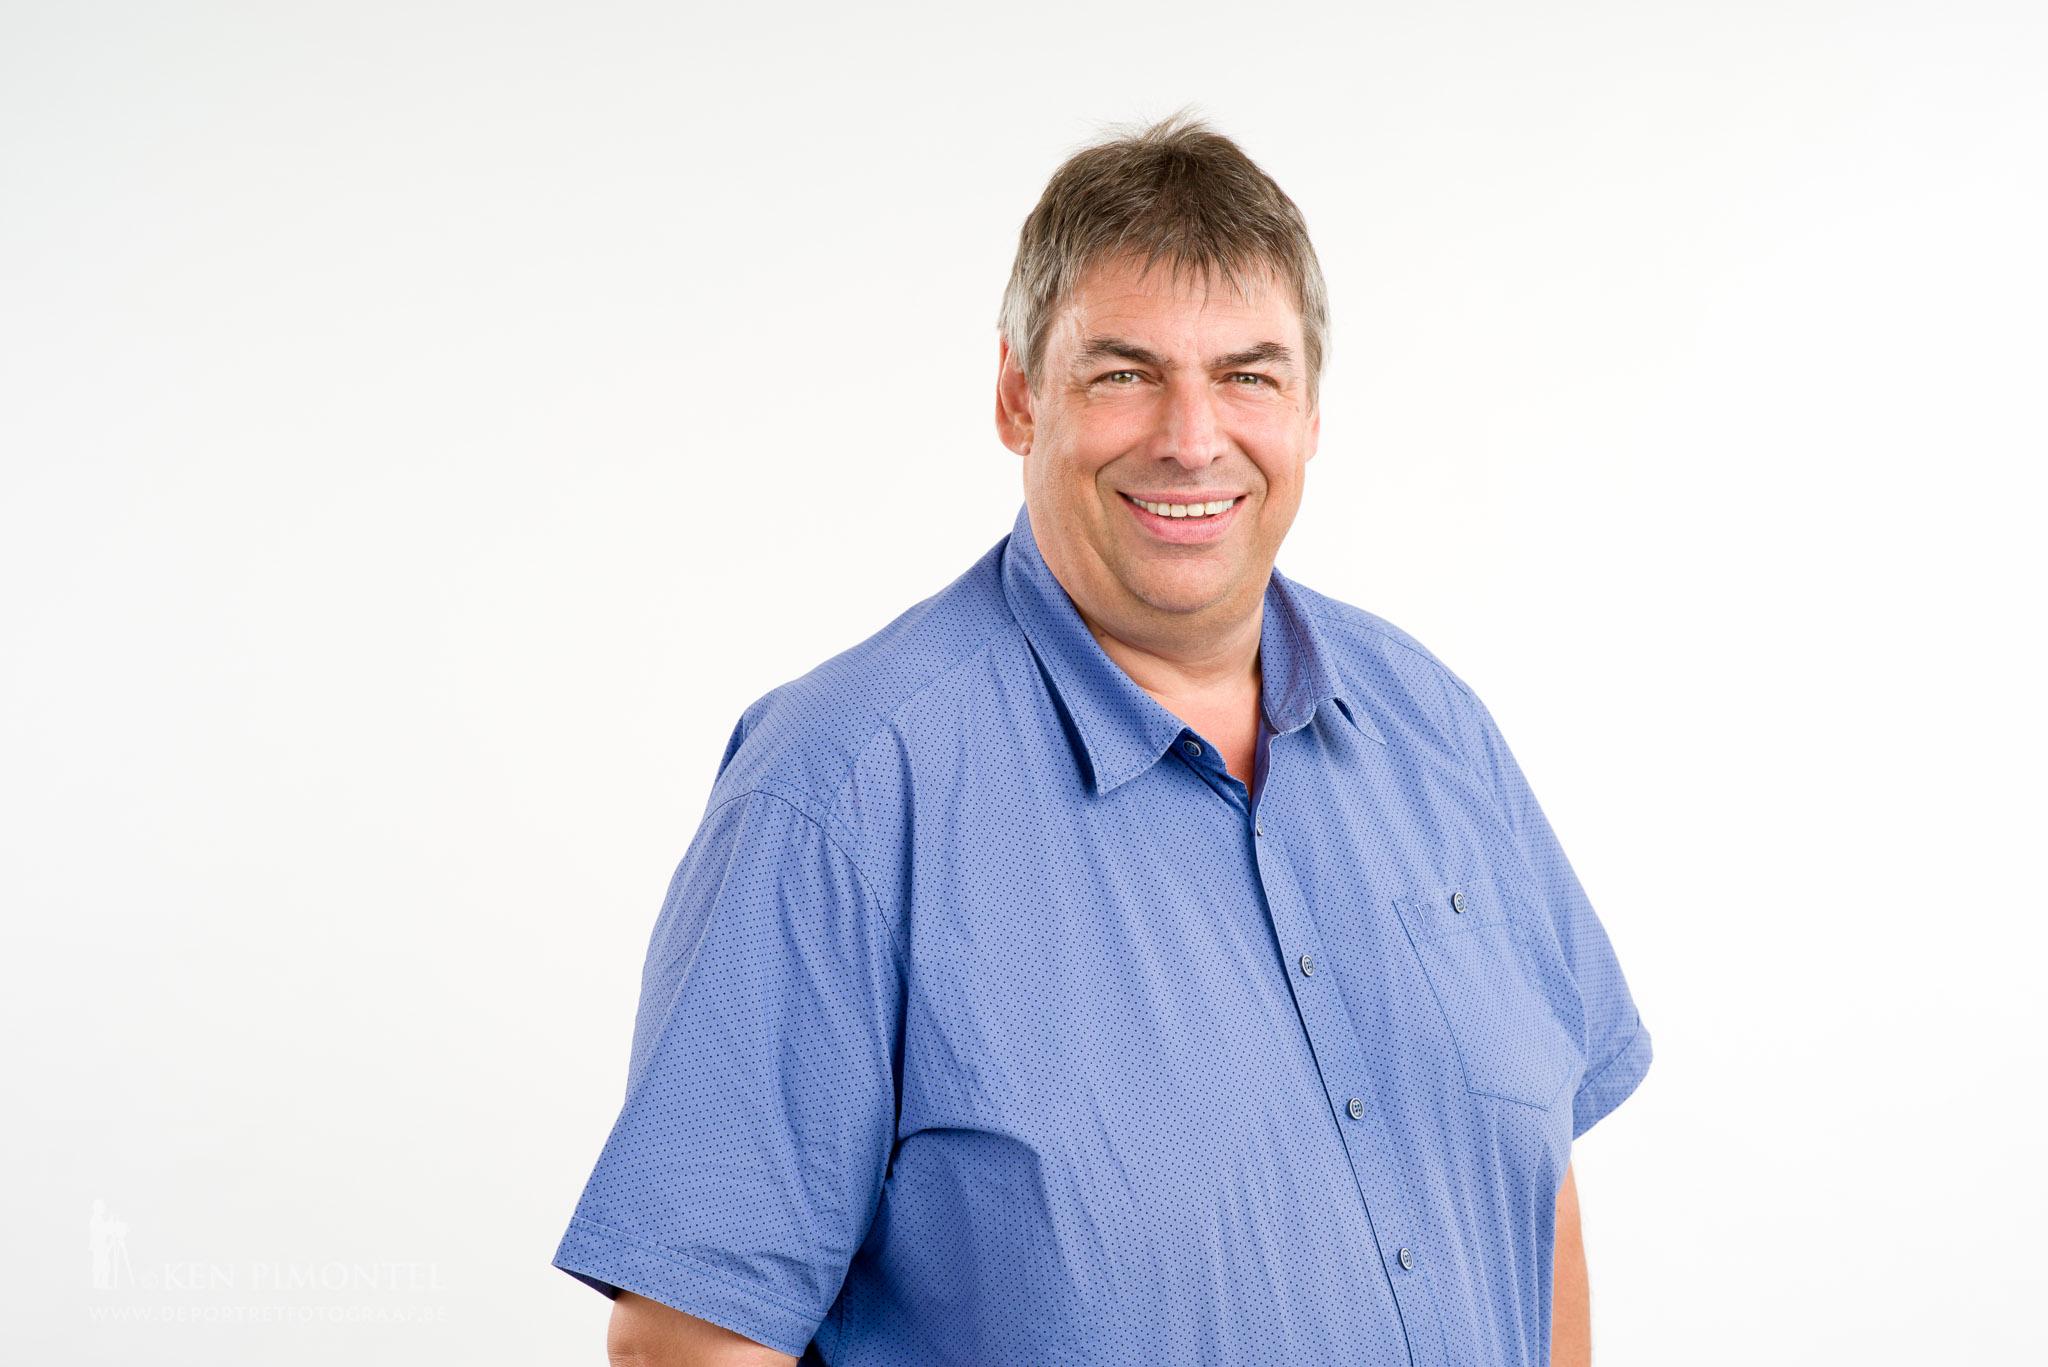 Paul Laurijssen